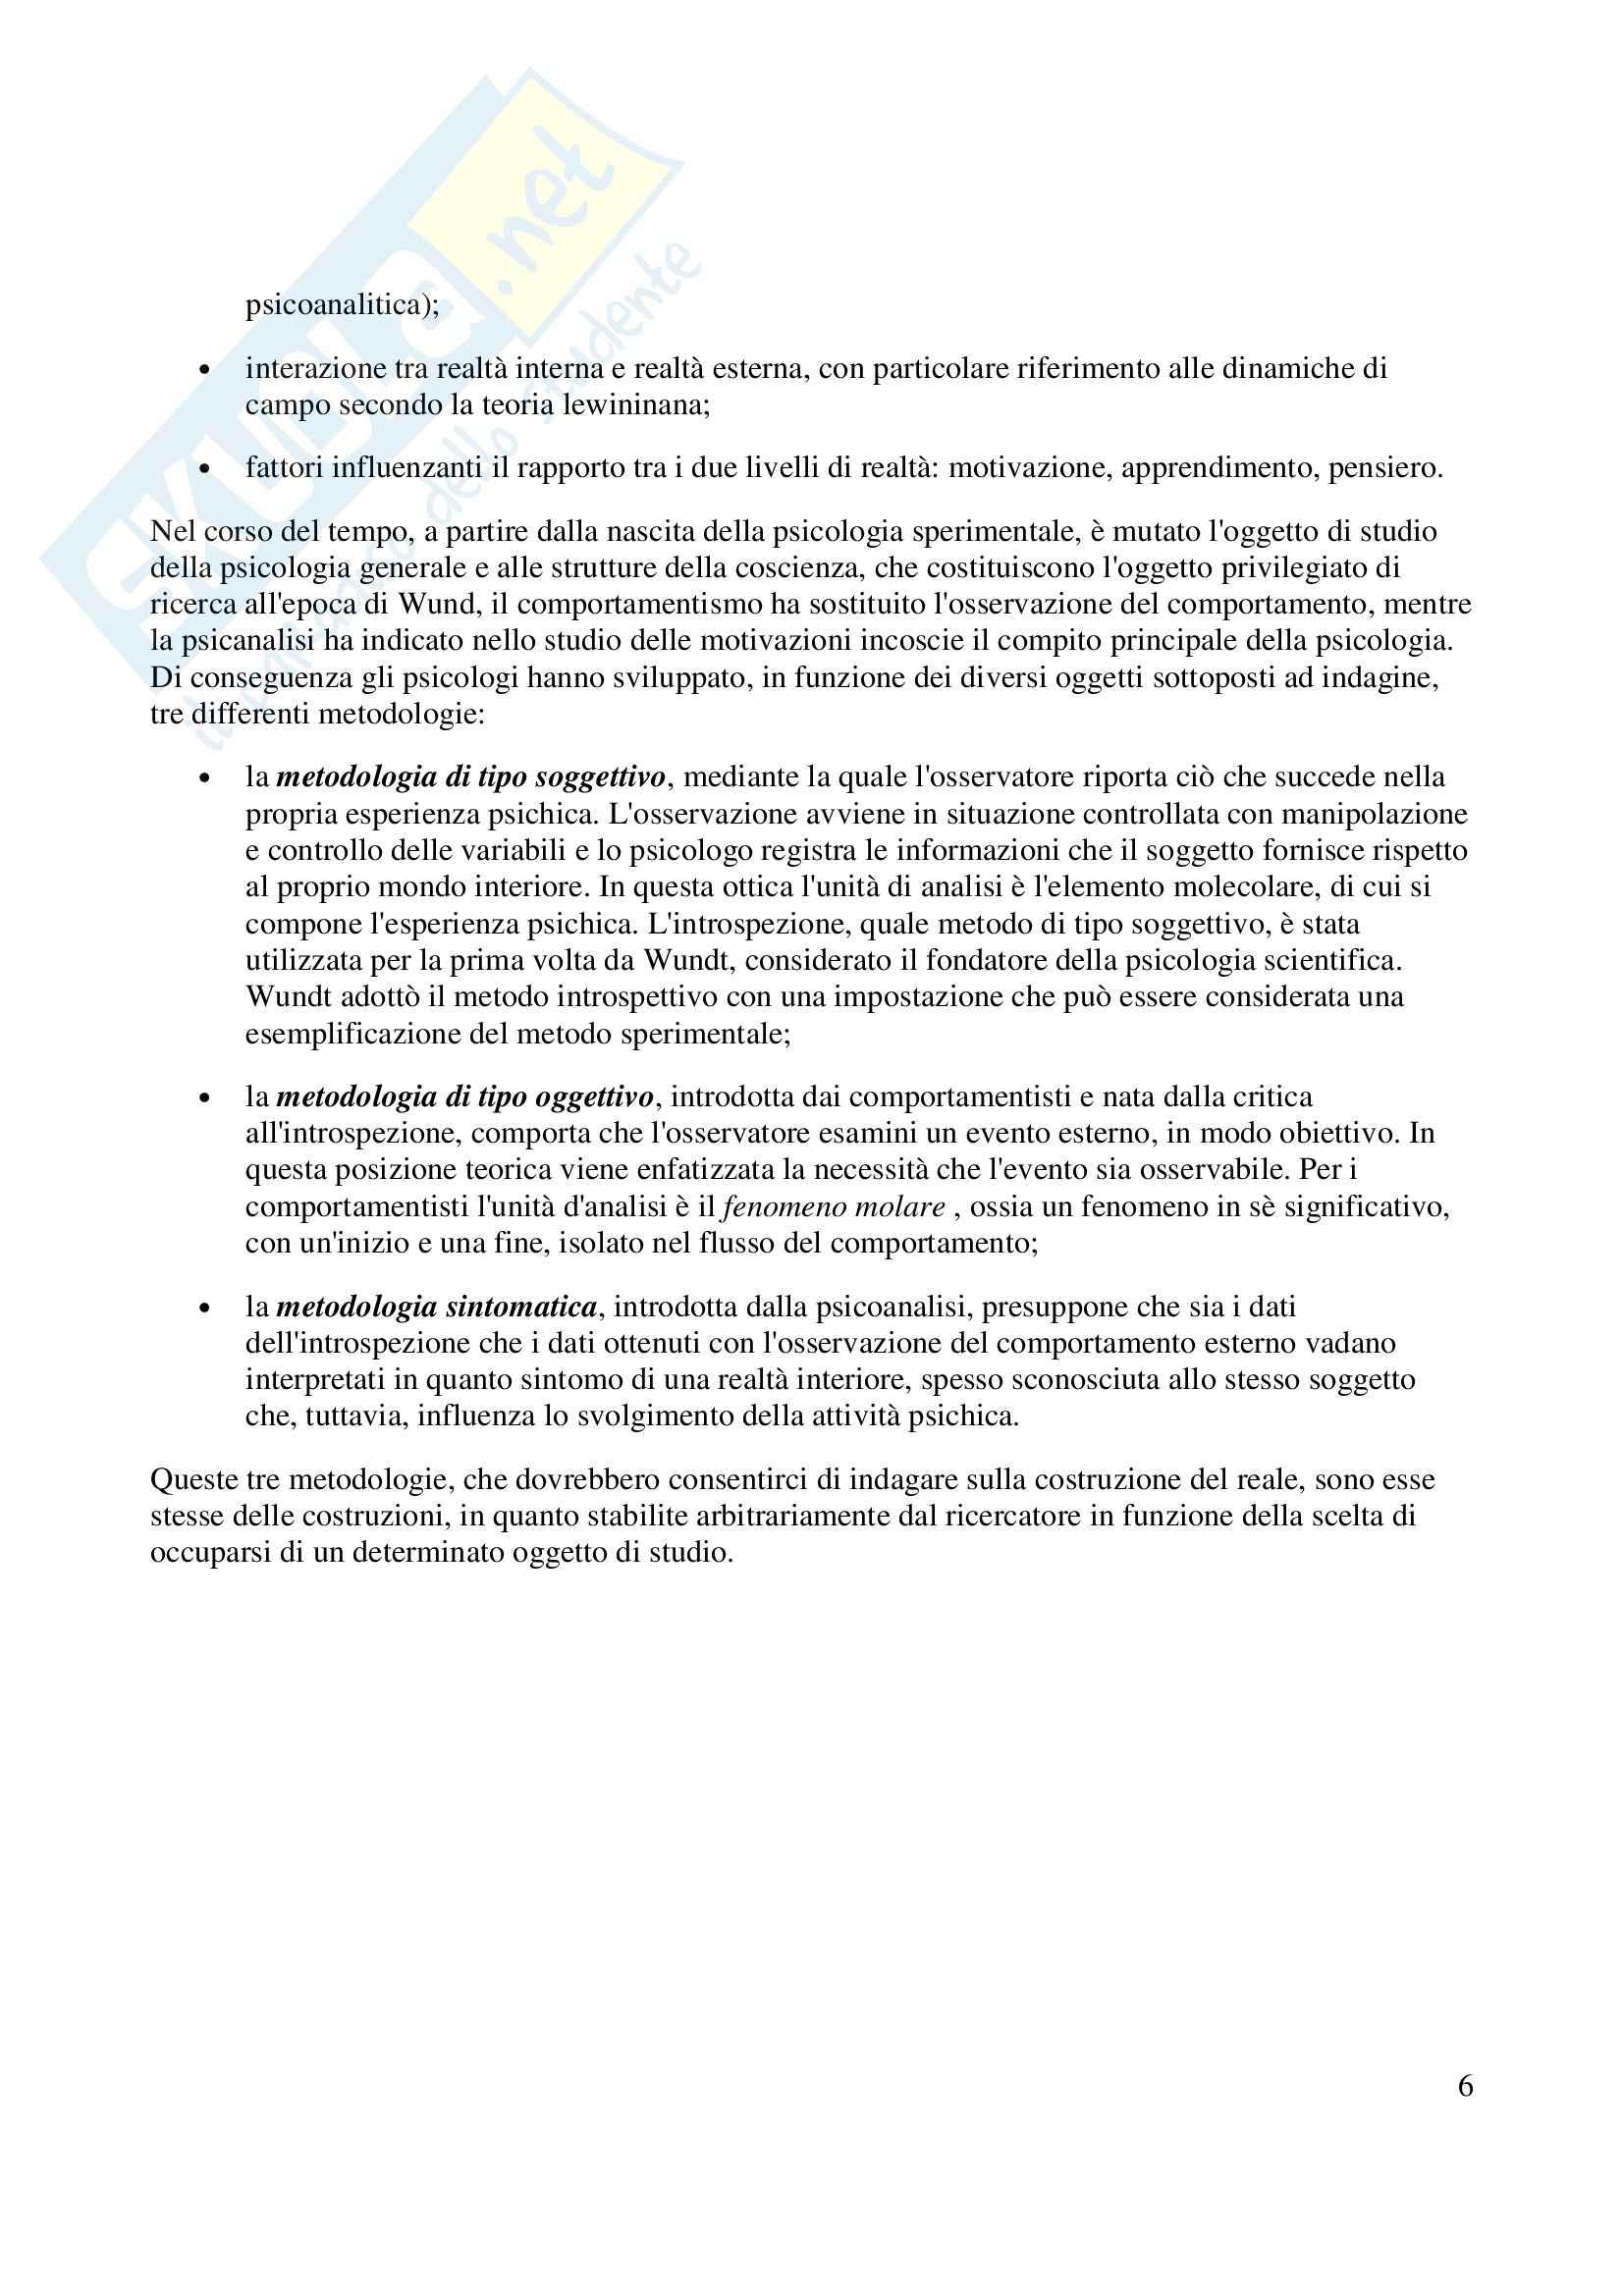 Fondamenti di Psicologia Generale Pag. 6